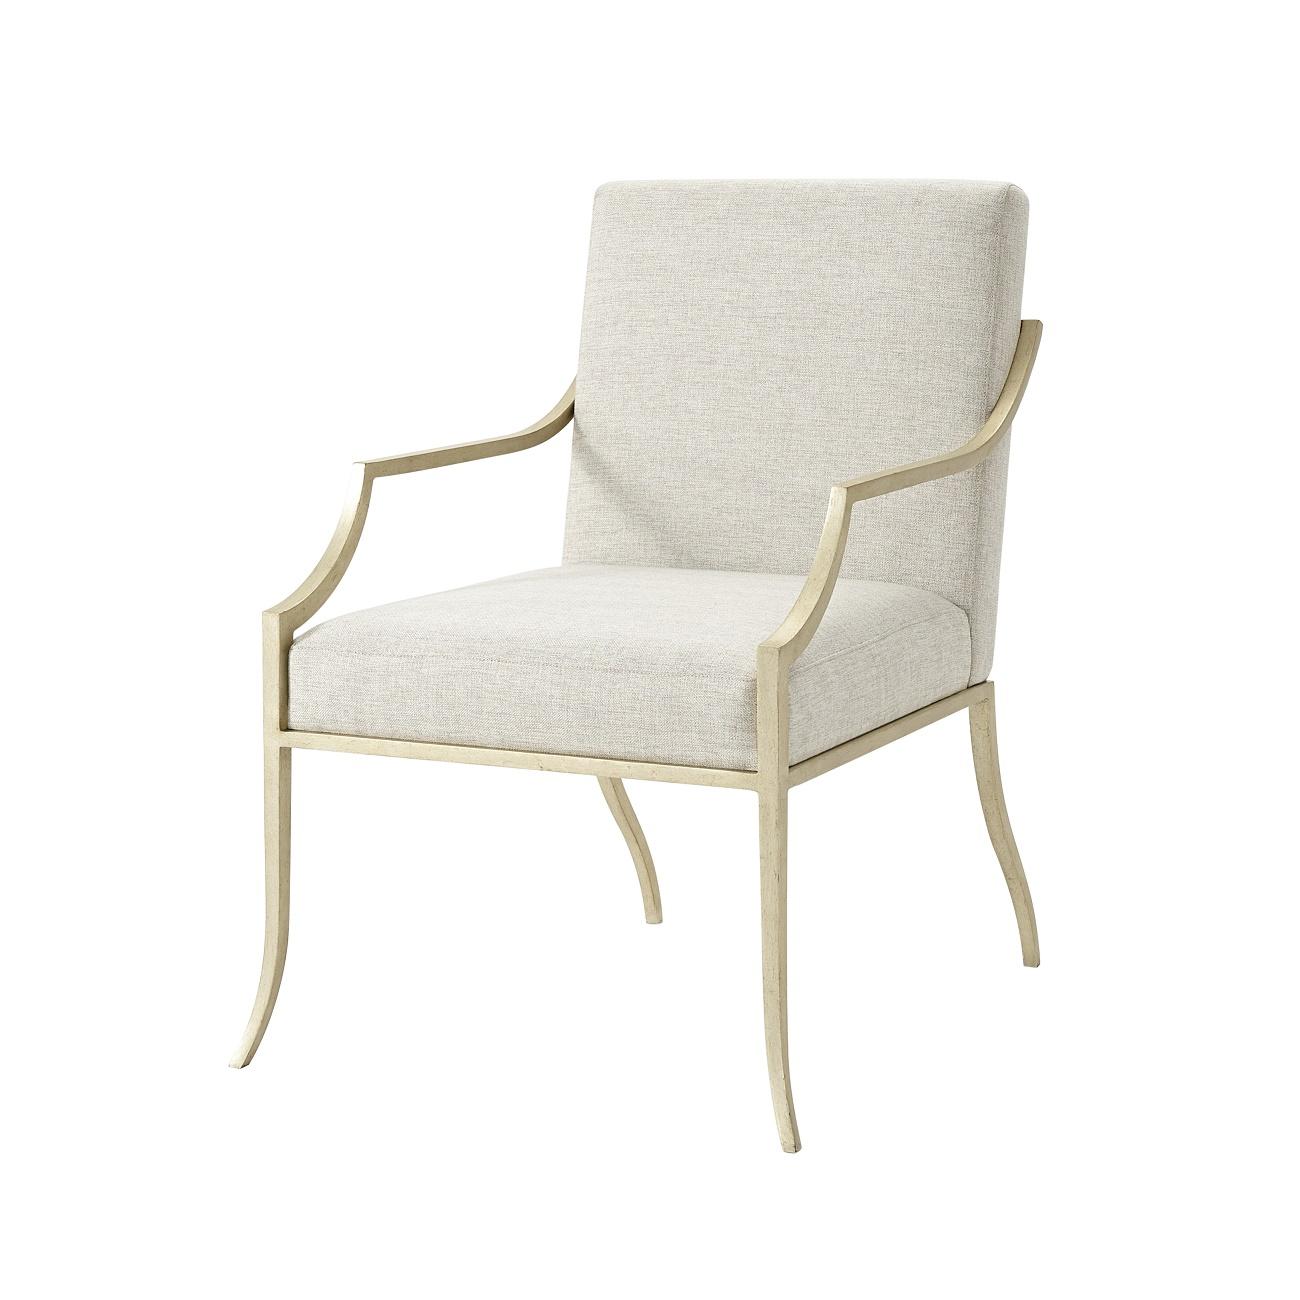 Larissa Chair theodore alexander 4212 010